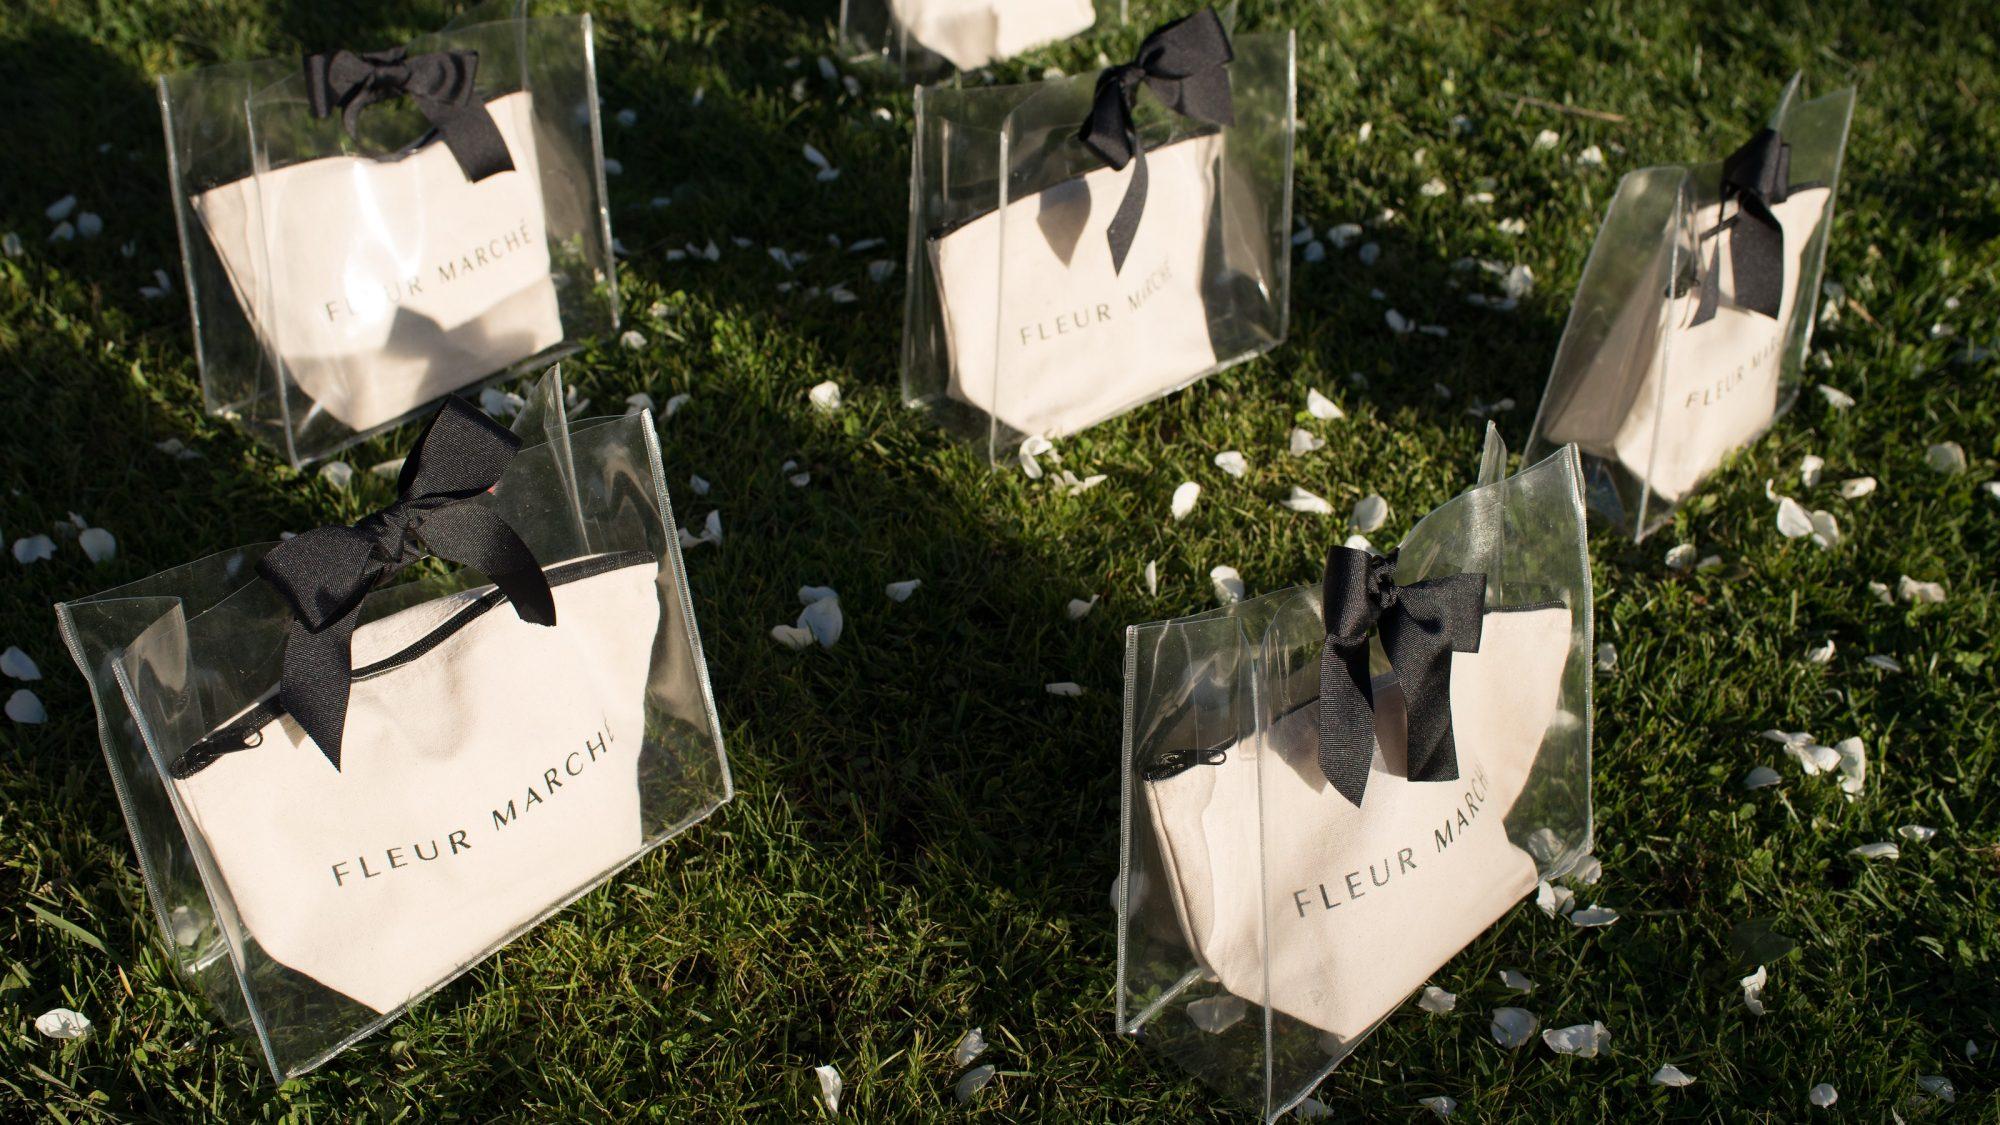 Fleur Marche bags